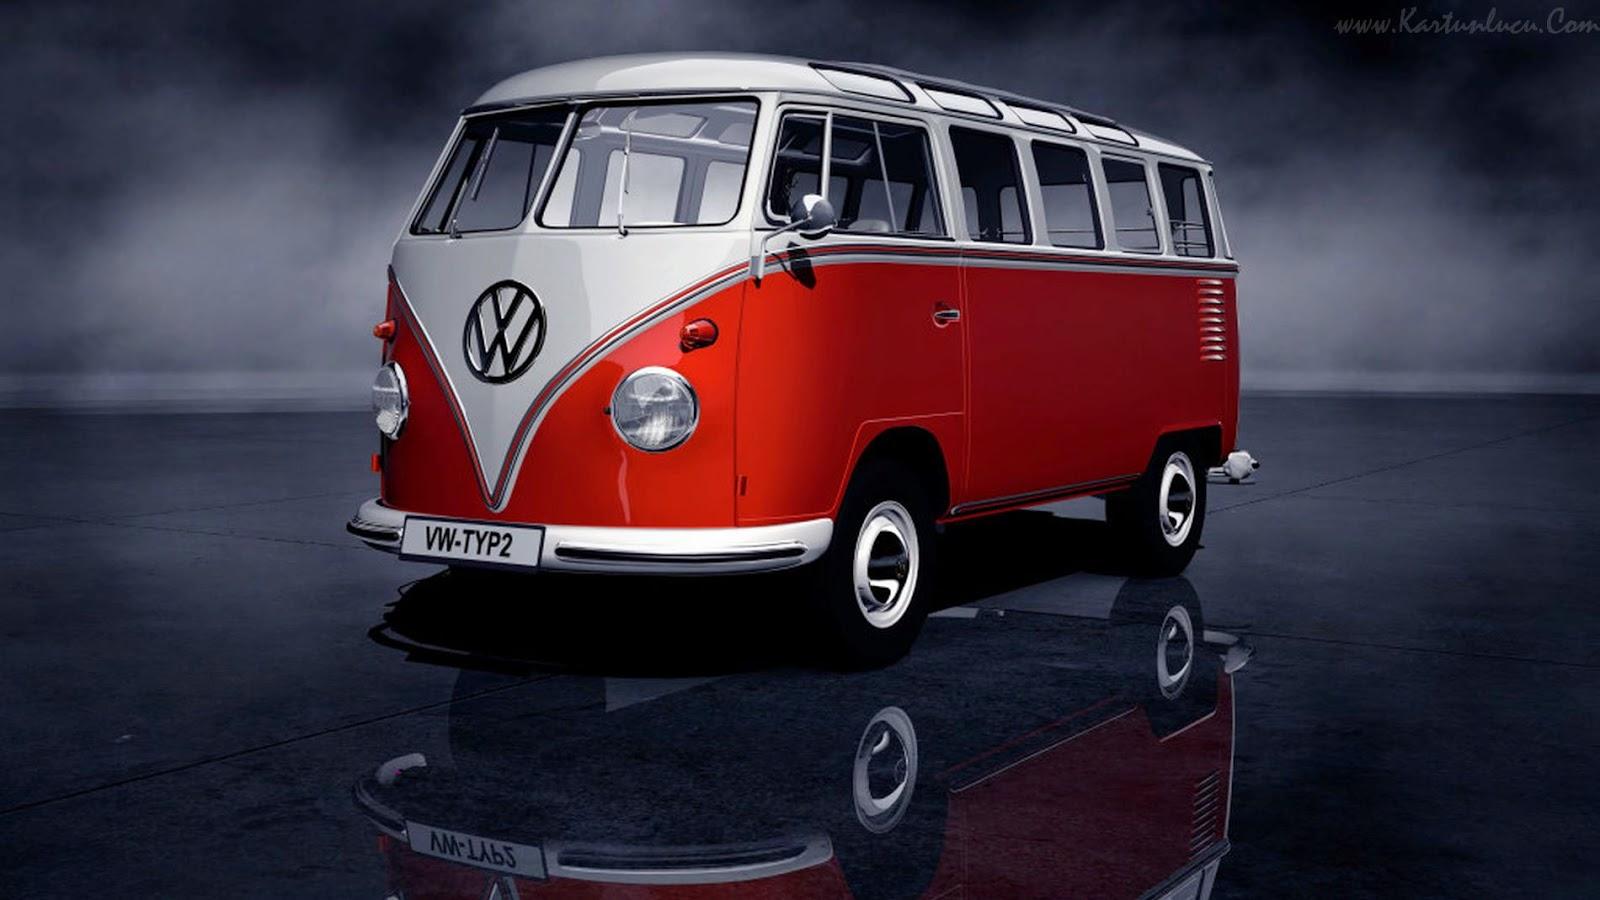 Green vw volkswagen combi van bus wallpaper for Interieur combi vw